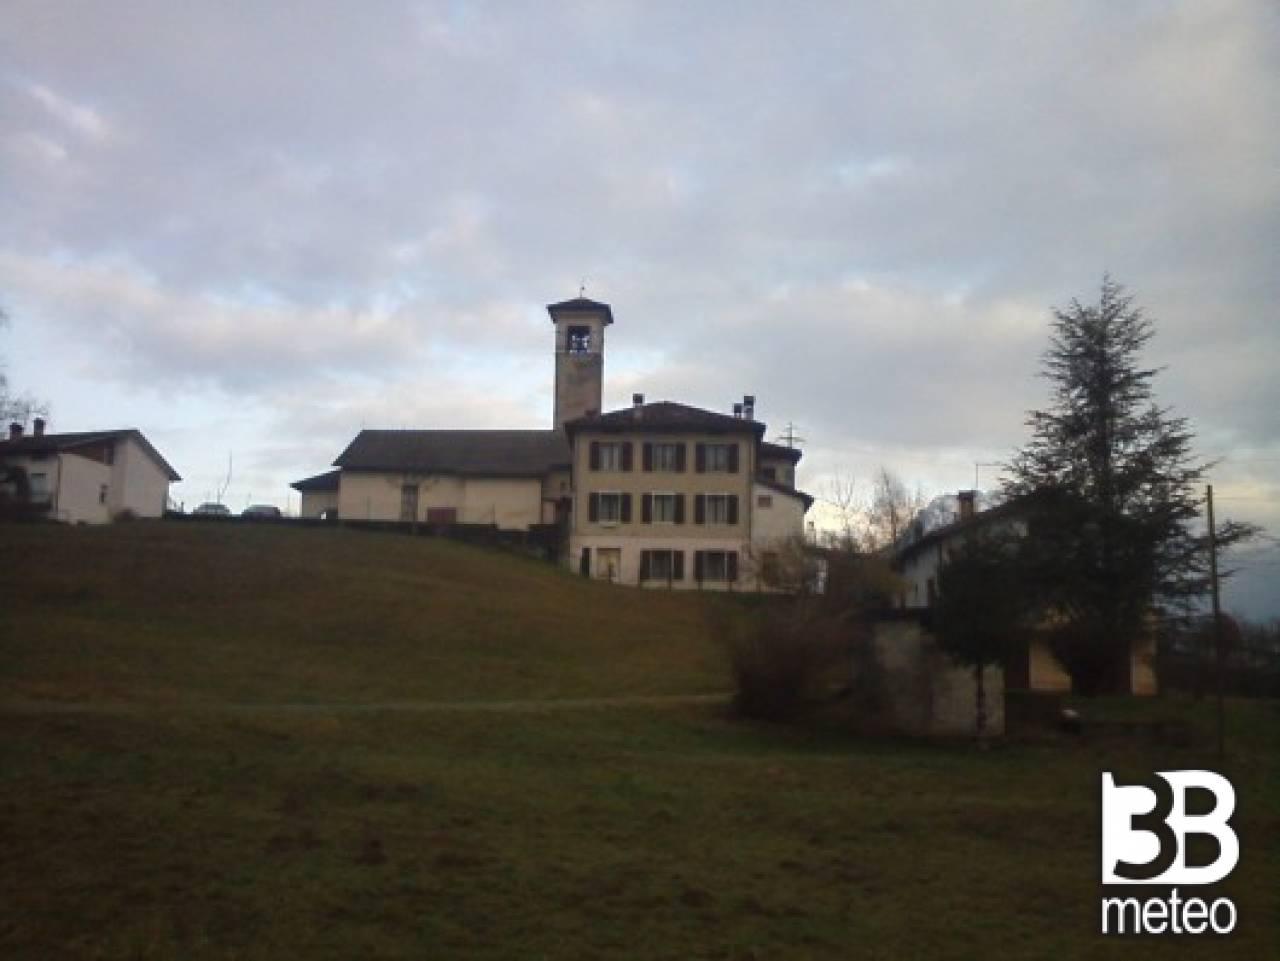 Chiesa di zermen a feltre foto gallery 3b meteo - 3b meteo bagno di romagna ...